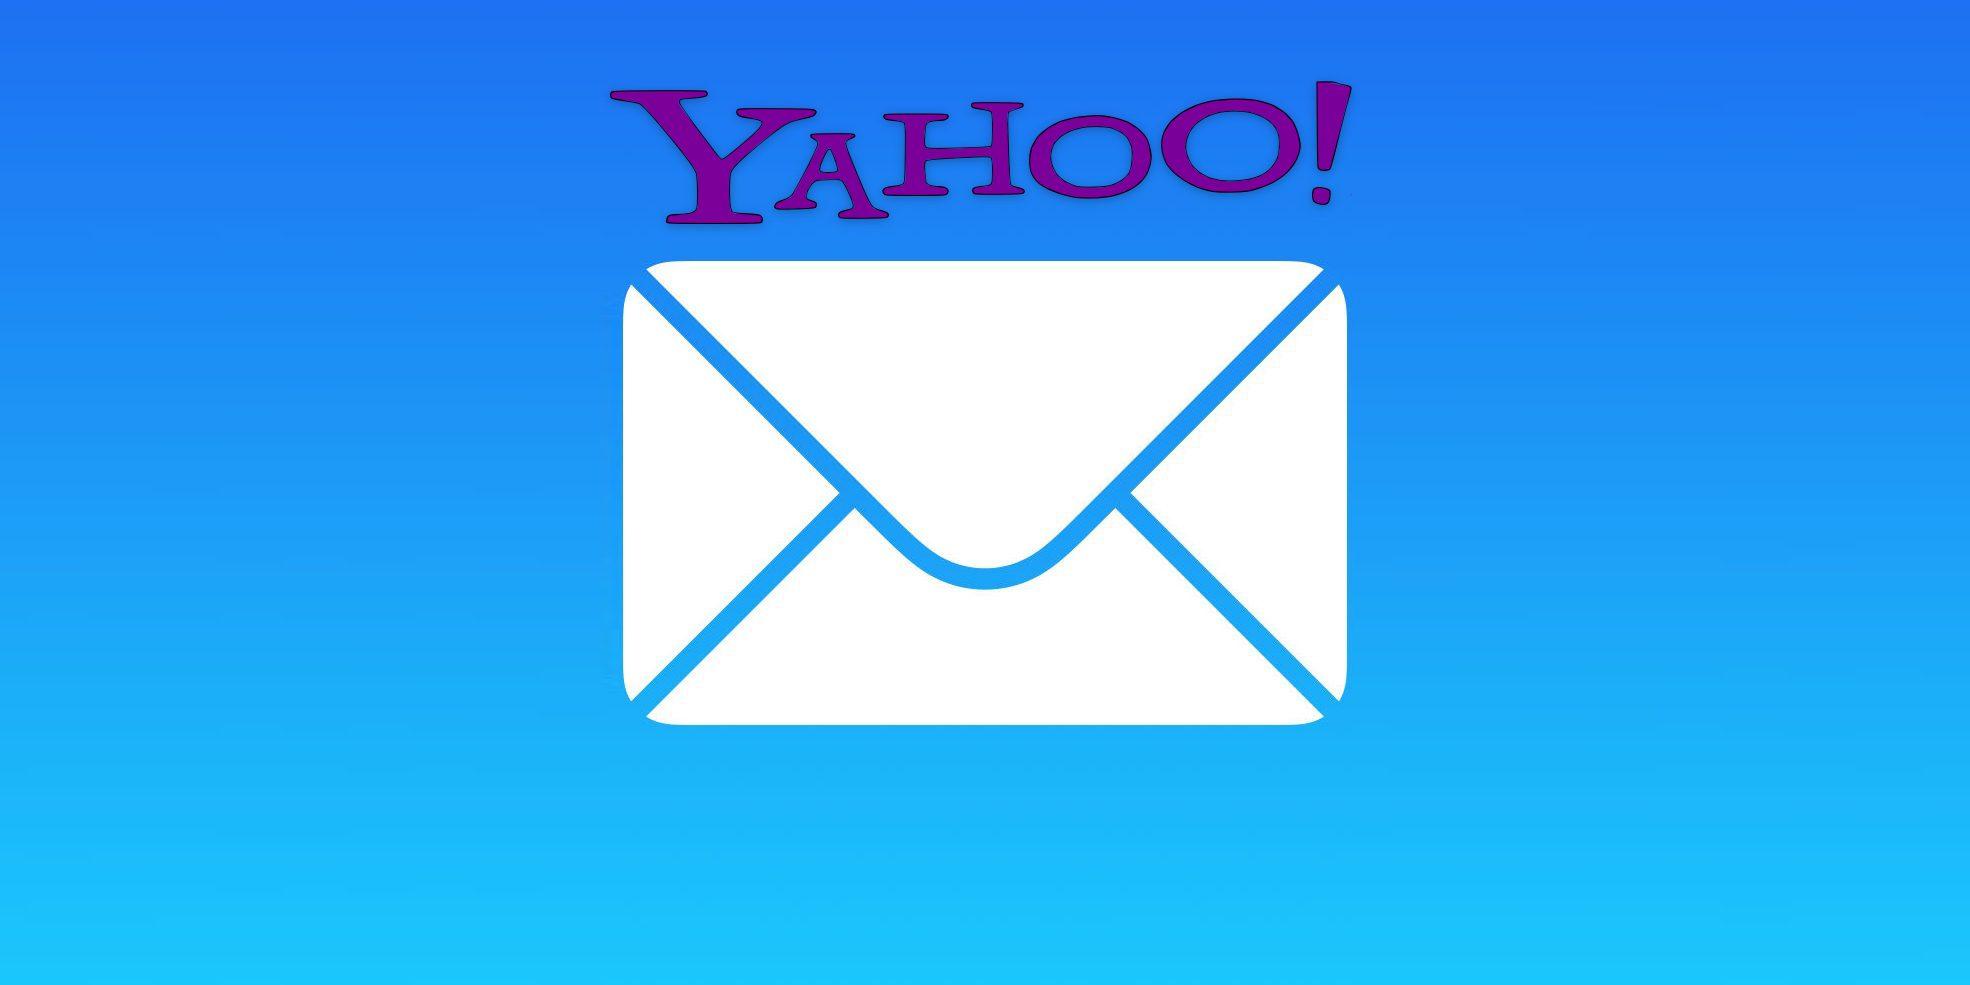 E Mail Yahoo Abrufen